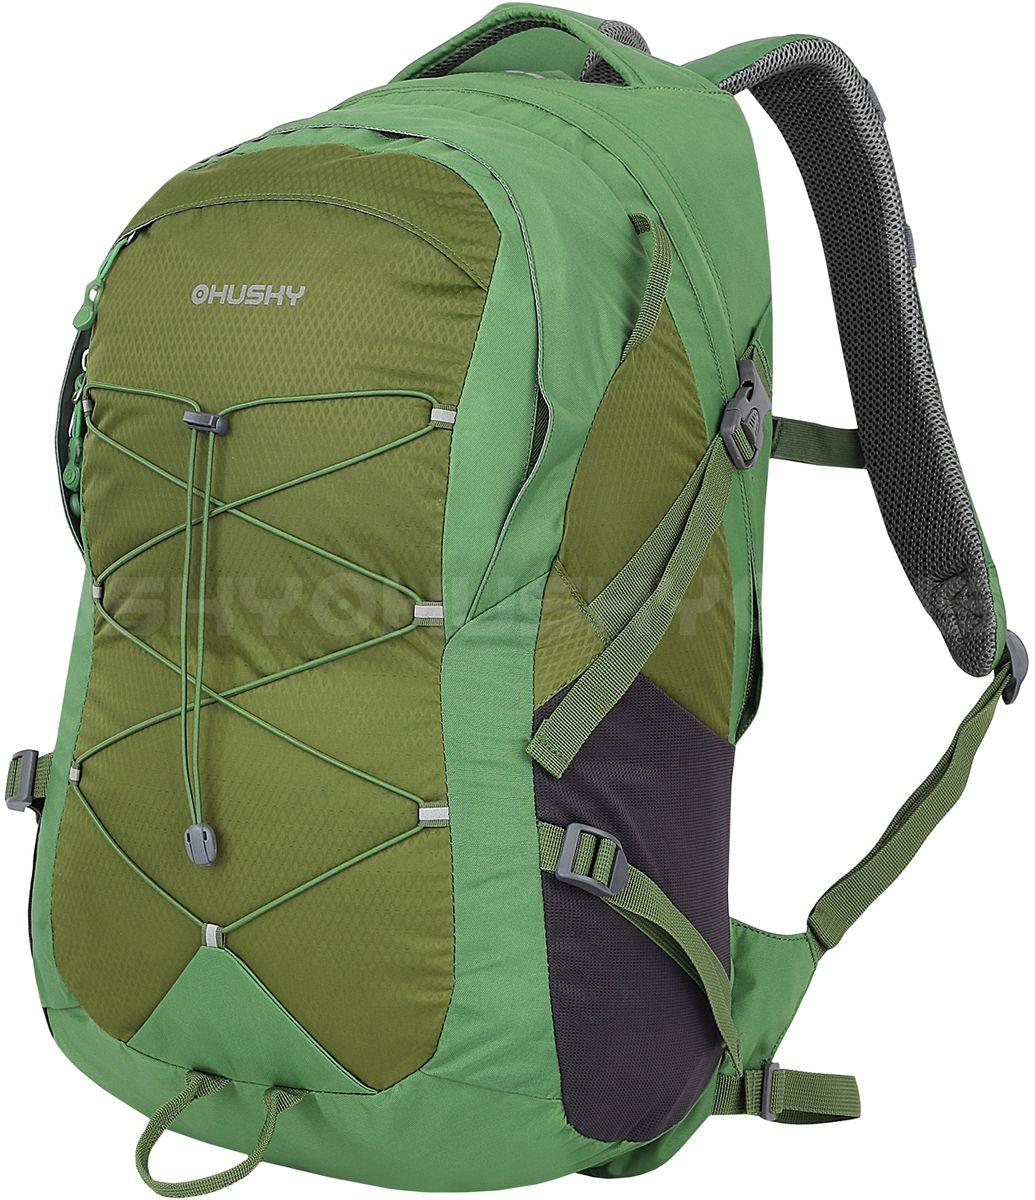 Рюкзак городской Husky PROSSY, цвет: зеленый, 30 лRivaCase 8460 aquamarineРюкзак городской PROSSY 30 от бренда HUSKY. Особенности модели: - ткань с водоотталкивающей пропиткой,- сетчатая система вентиляции спины NBS,- одно основное отделение, - нагрудный и поясной ремни,- крепеж для палок и инструмента, - карман для питьевой системы,- накидка от дождя, - боковые карманы-cетки,- светоотражающие элементы.Объем: 30 литров; Материал: Полиэстер 420D Diamond Ripstop, полиэстер 420D Ripstop PU;Размер: 53 х 29 х 19 см;Вес: 1000 г.